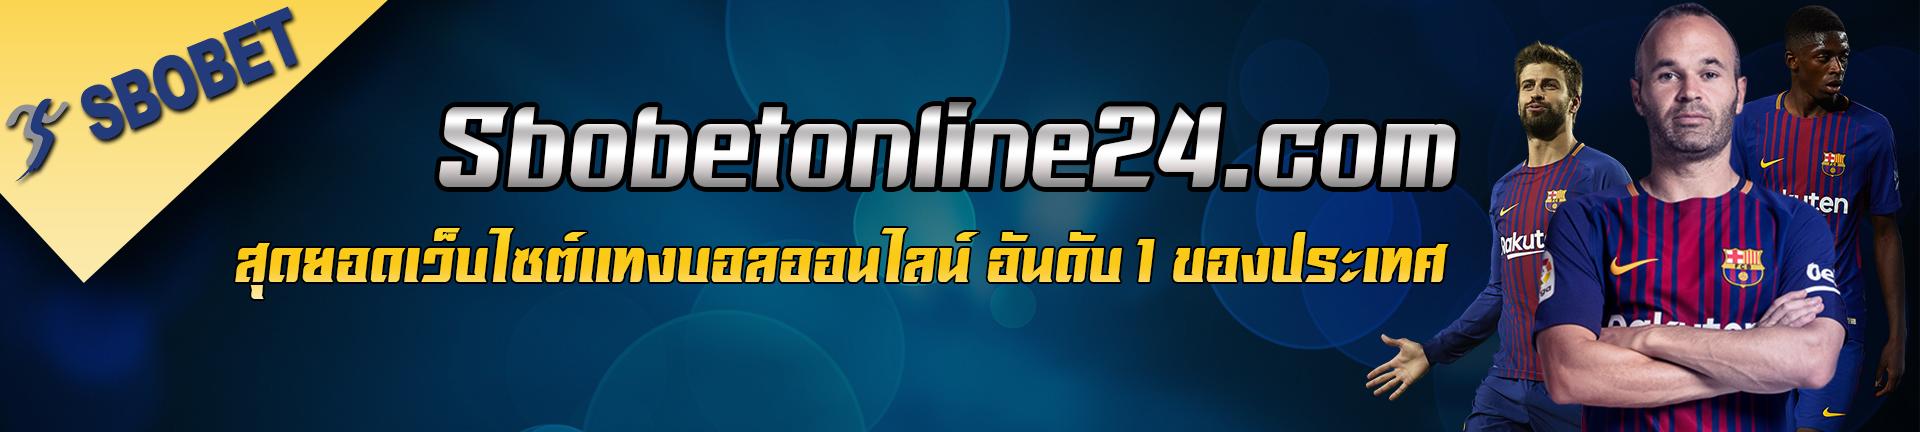 banner-sbobet-online24-use